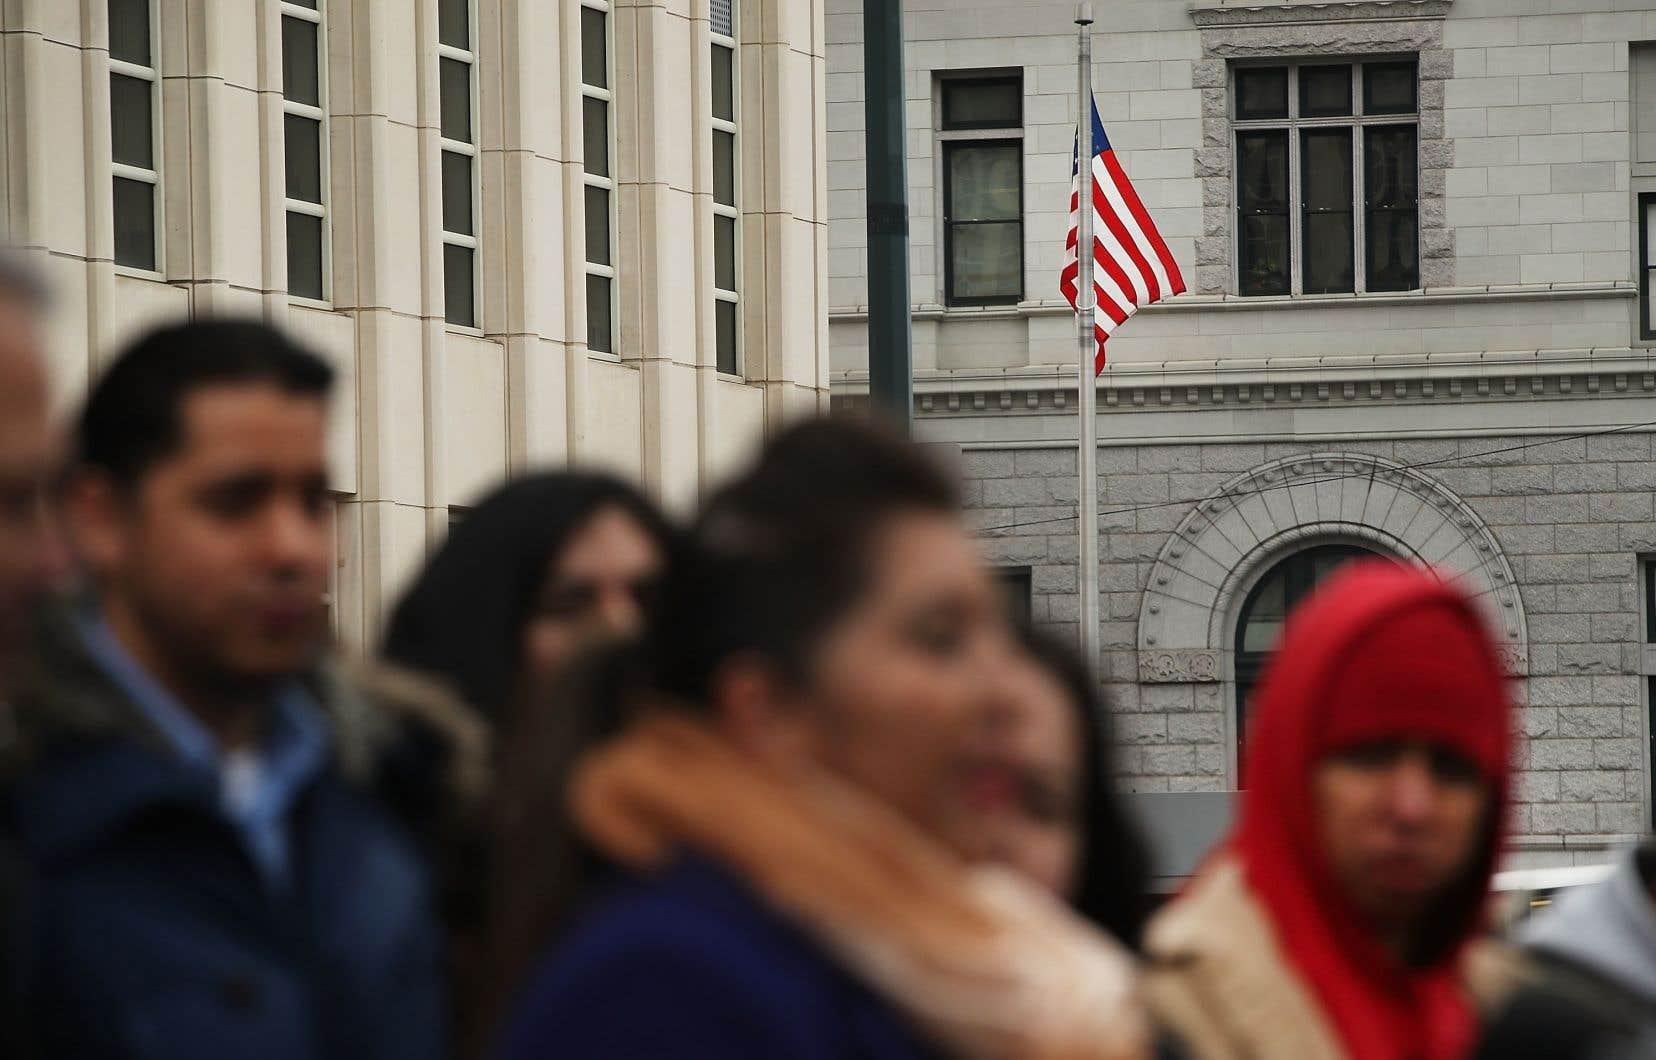 La fin du programme pourrait entraîner l'expulsion de centaines de milliers de personnes ayant grandi aux États-Unis après être entrées clandestinement sur le territoire avec leurs parents, parfois il y a plusieurs décennies.